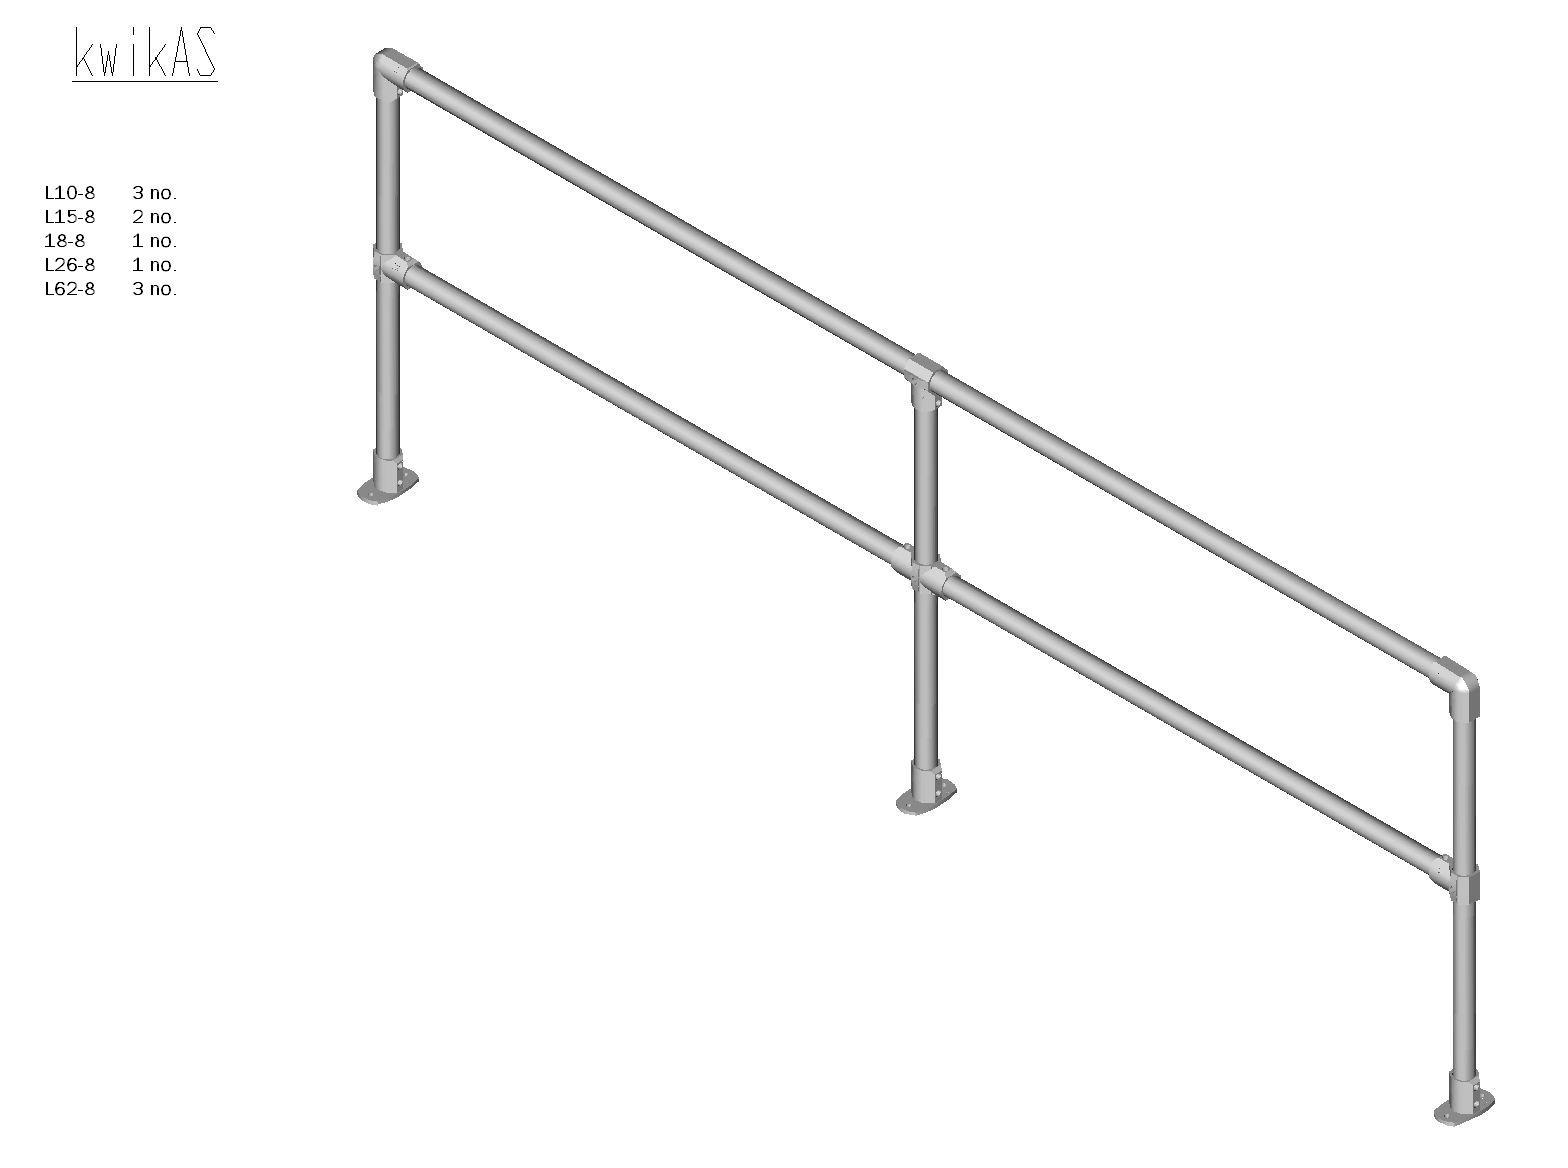 Kwik Kit Aluminium Straight Kit-0